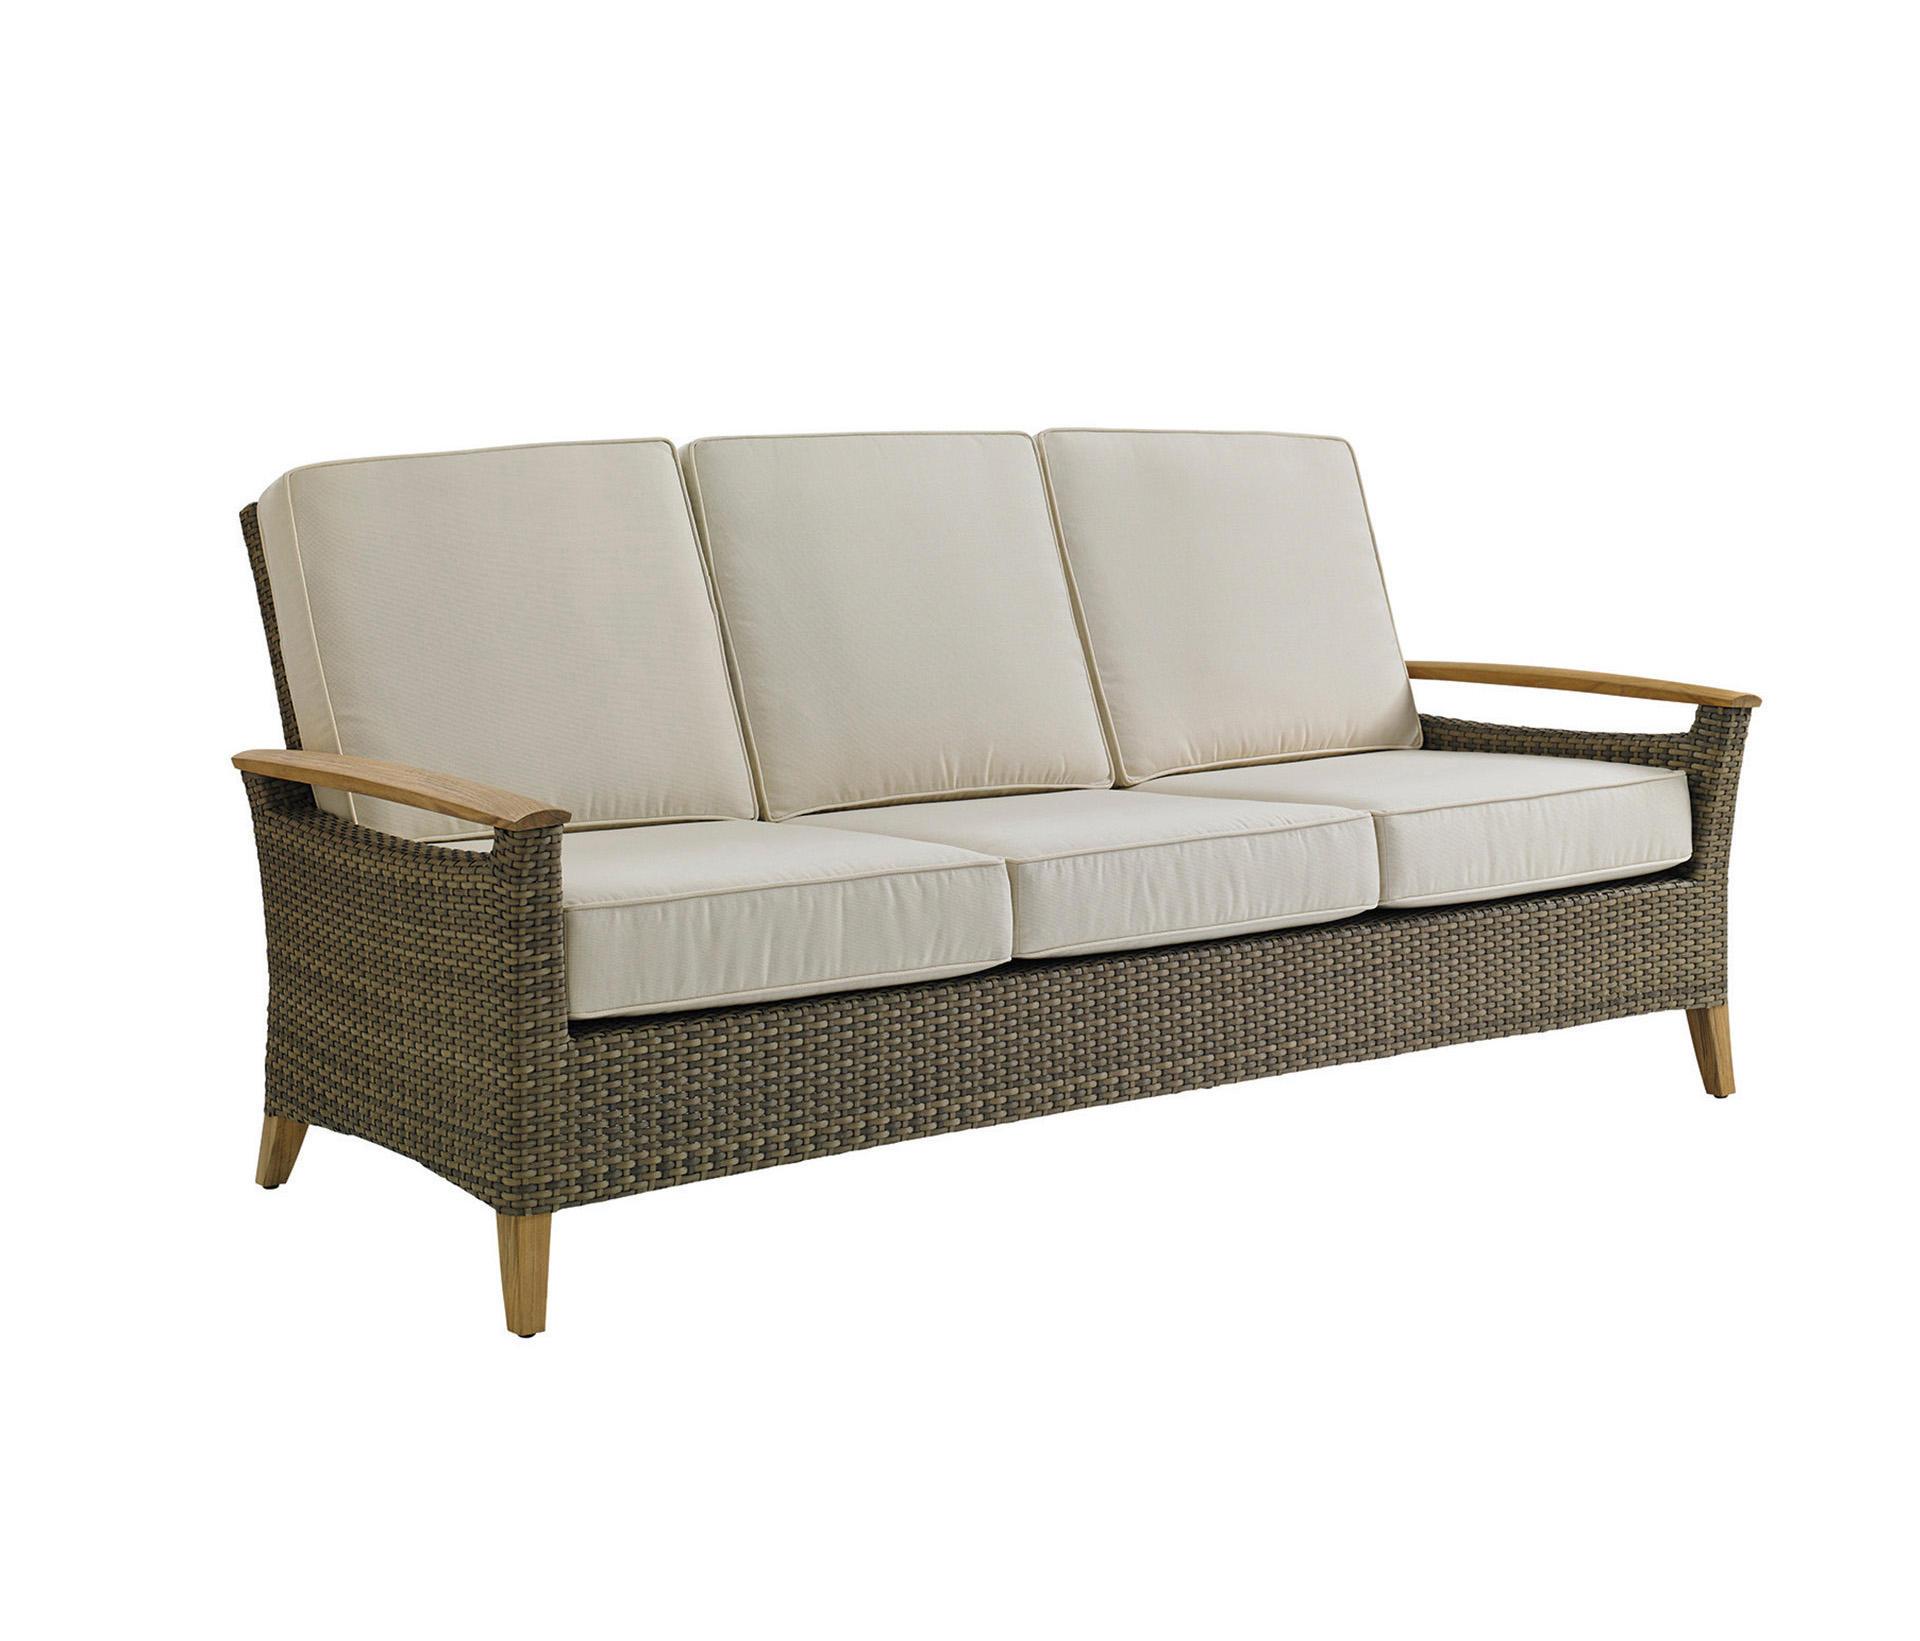 PEPPER MARSH 3 SEATER SOFA Garden sofas from Gloster